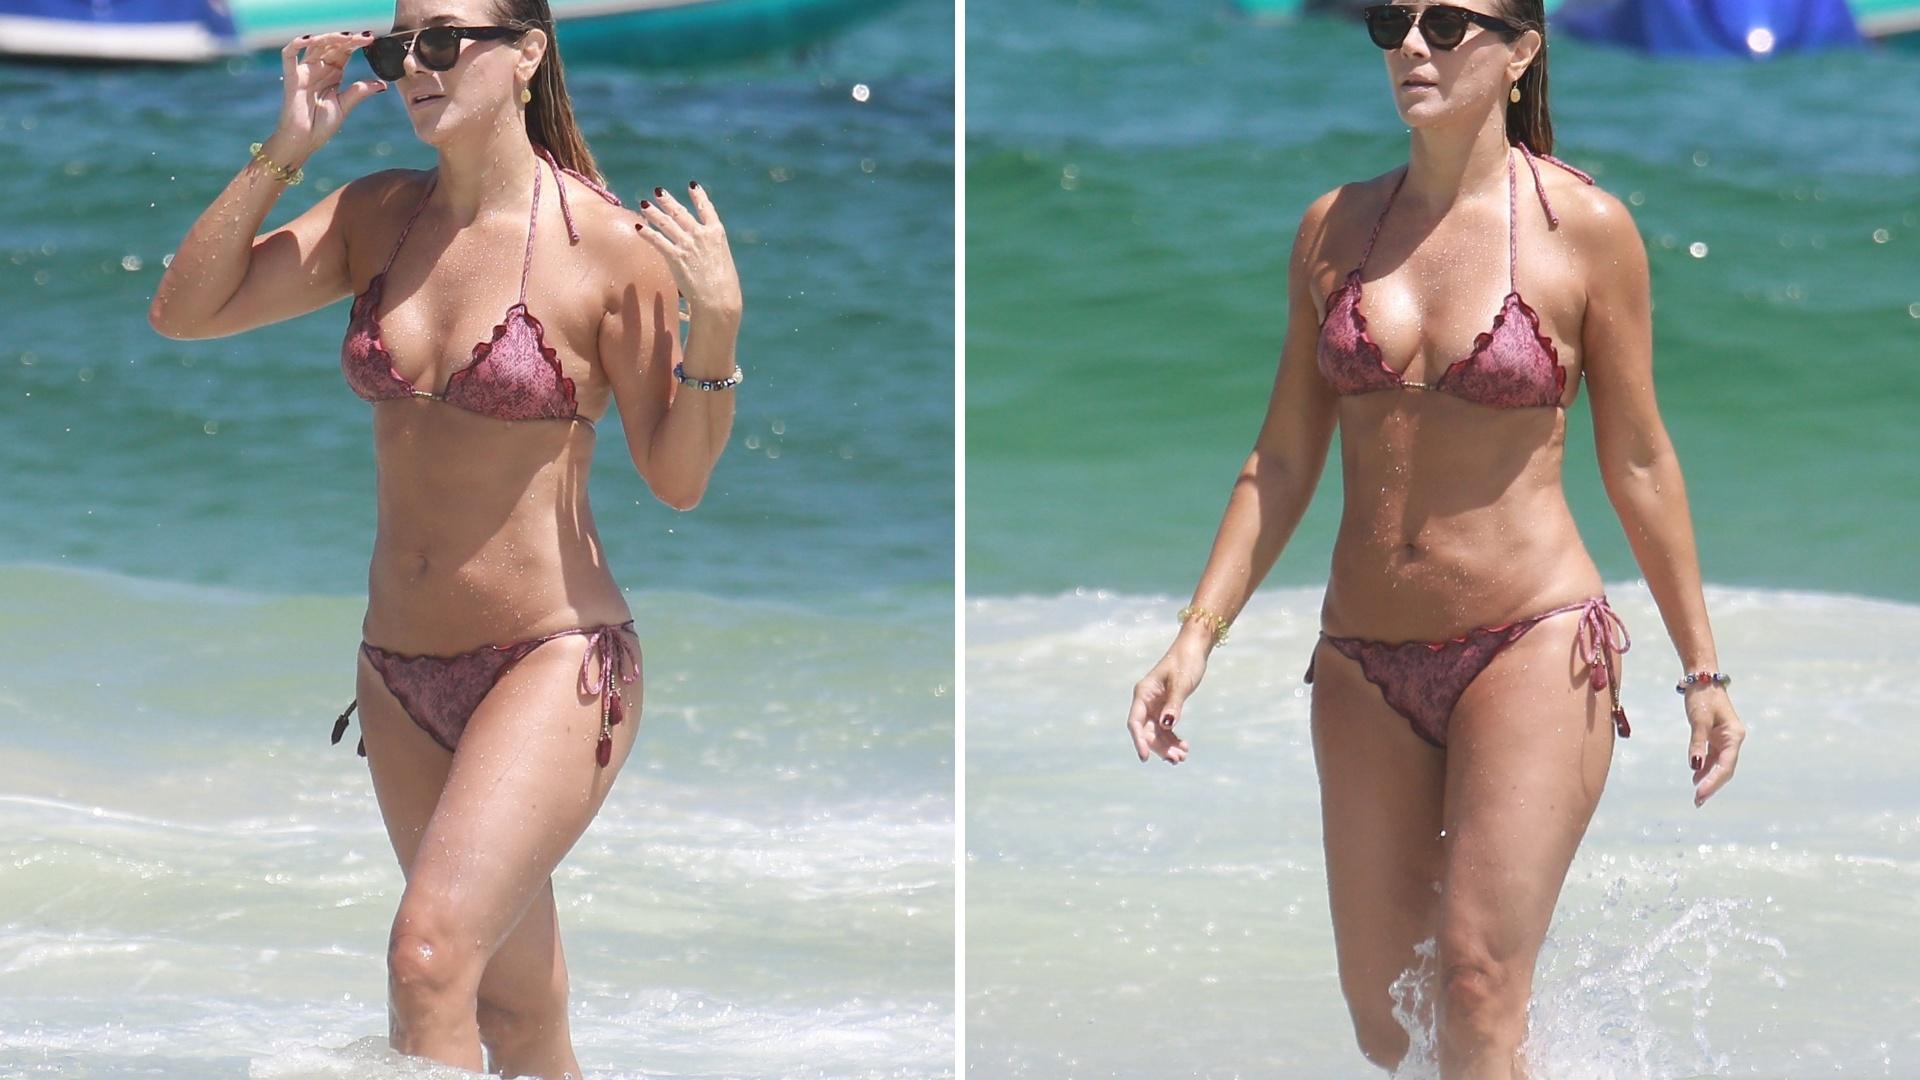 5.fev.2017 - A atriz Christine Fernandes mostrou que continua em ótima forma aos 48 anos de idade. De biquíni, a ex-atleta exibiu um corpo de fazer inveja a muita jovem na praia da Barra da Tijuca, no Rio de Janeiro